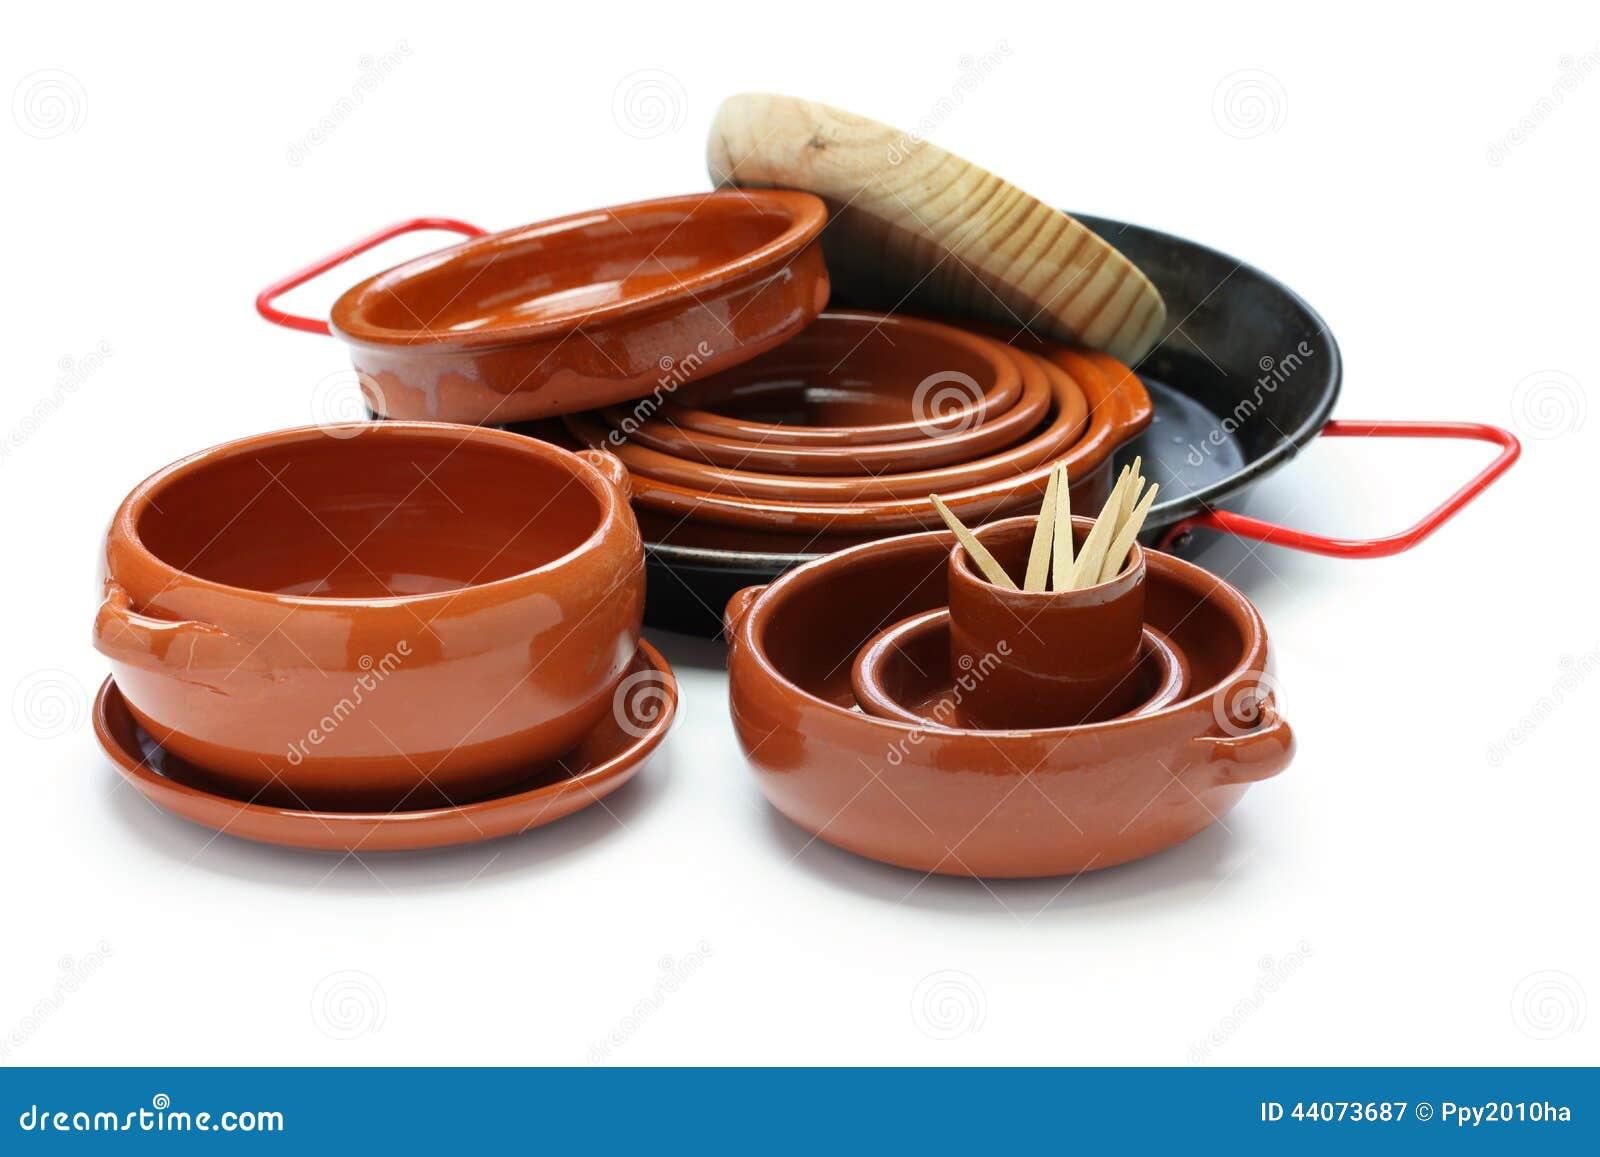 Kitchen utensils photography for Kitchen utensils in spanish